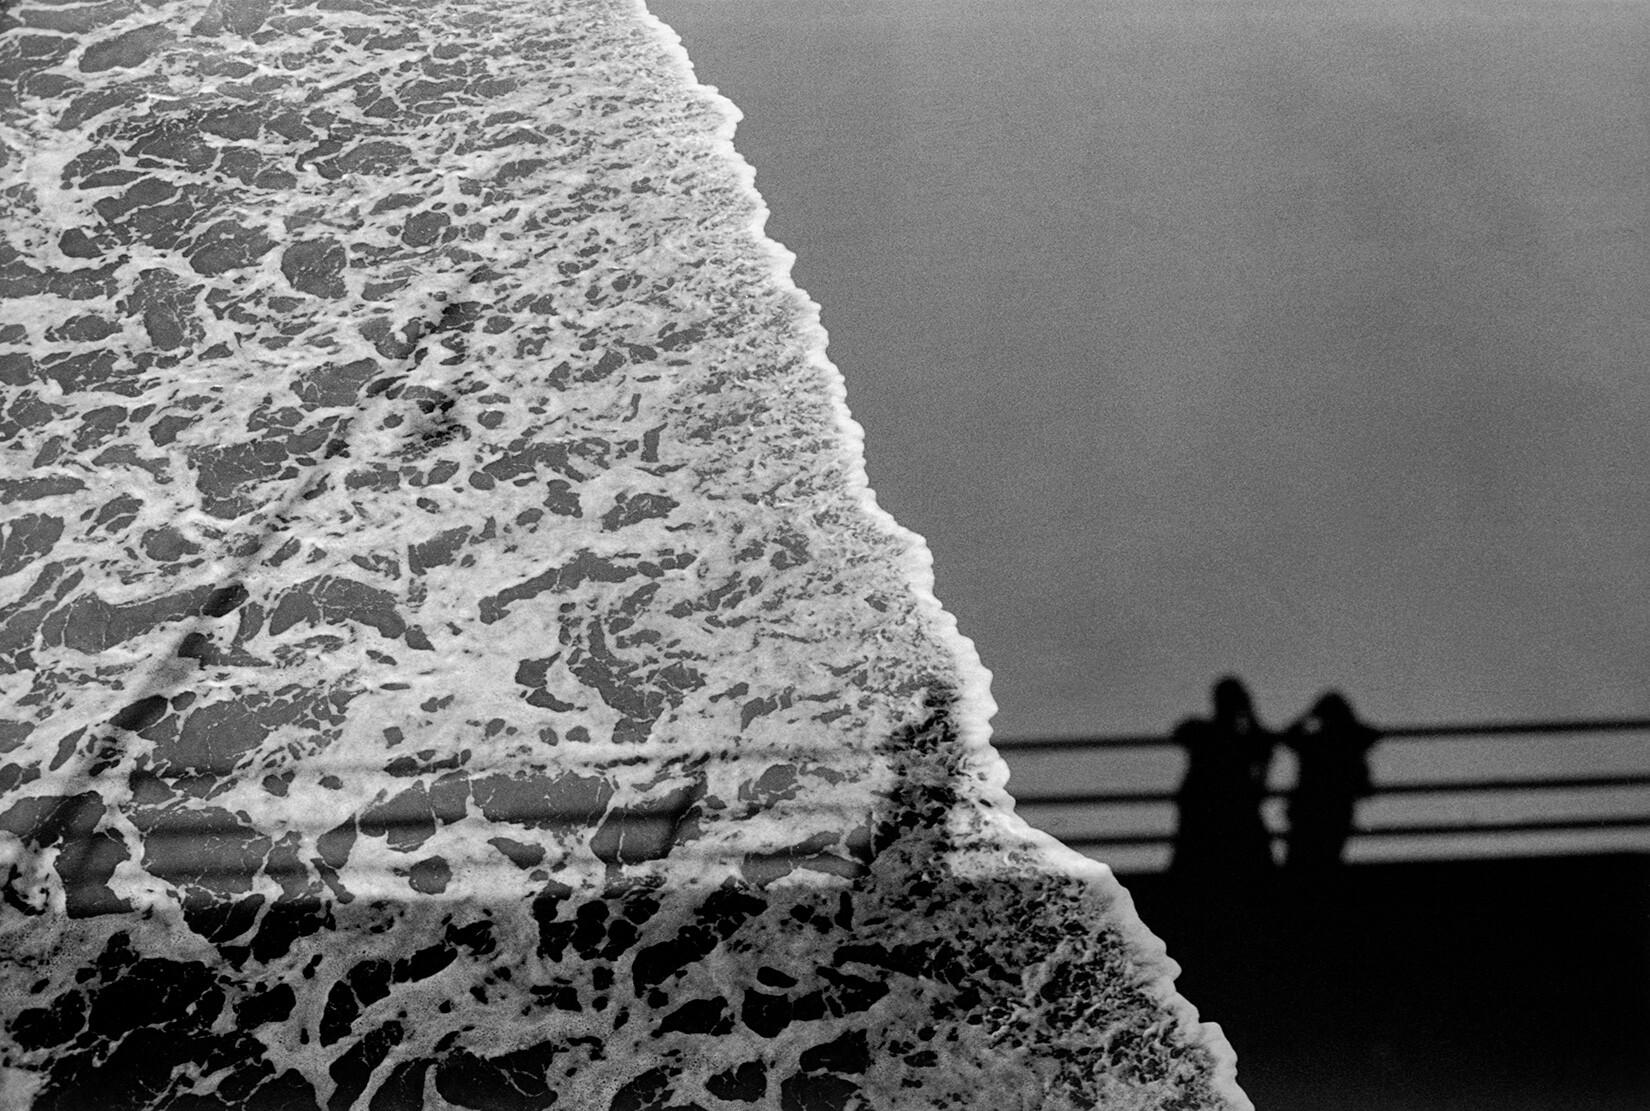 Тени на песке. Санта-Моника, Калифорния, 1979. Фотограф Эрих Хартманн